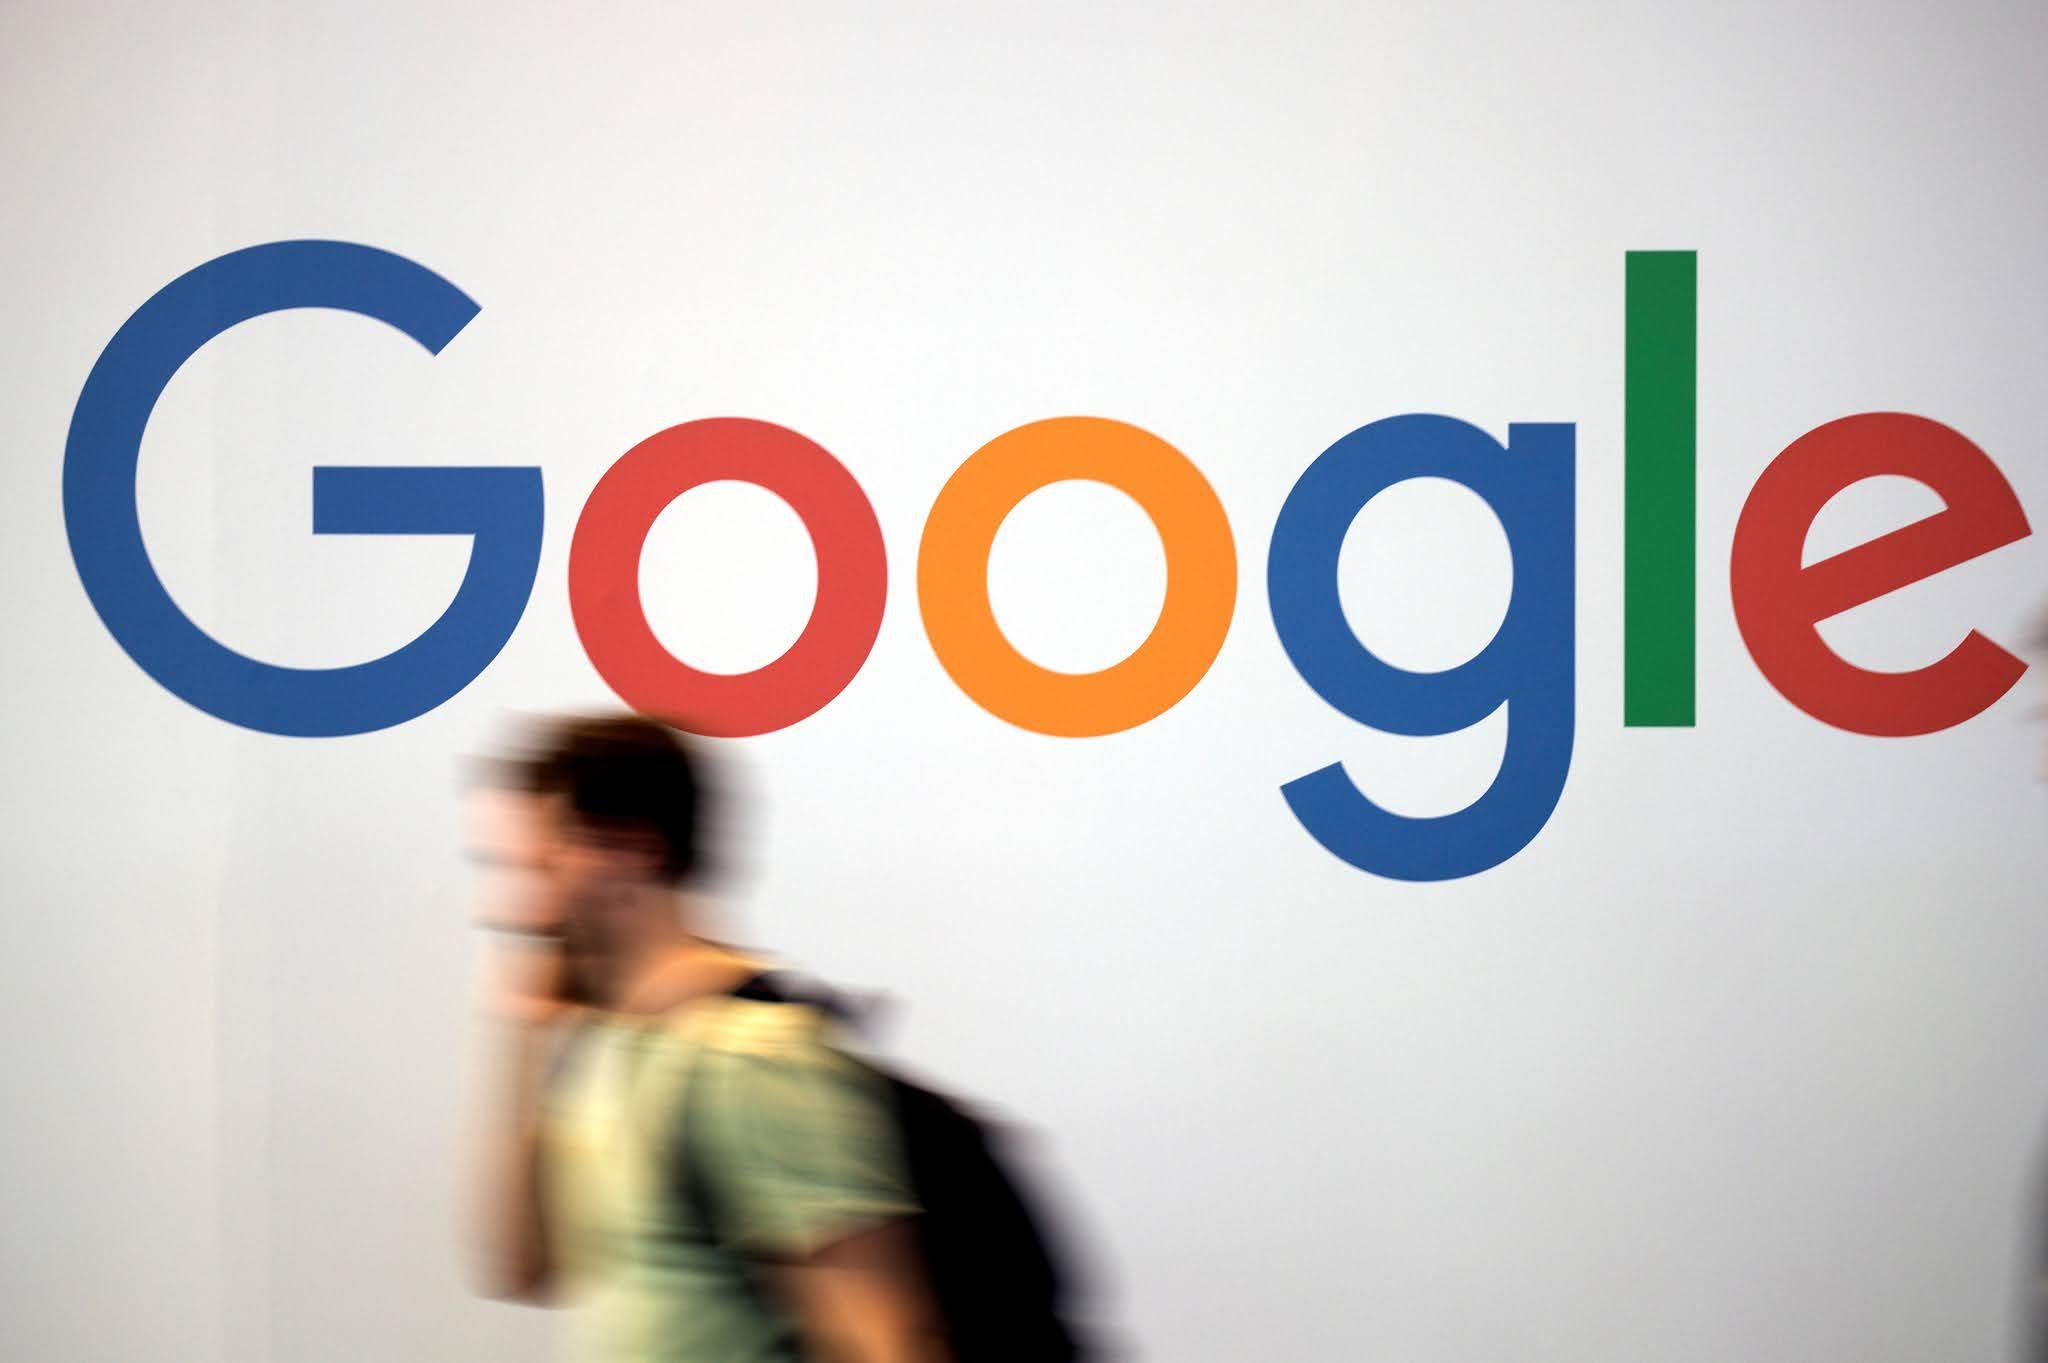 Google logo digitalinformationworld.com